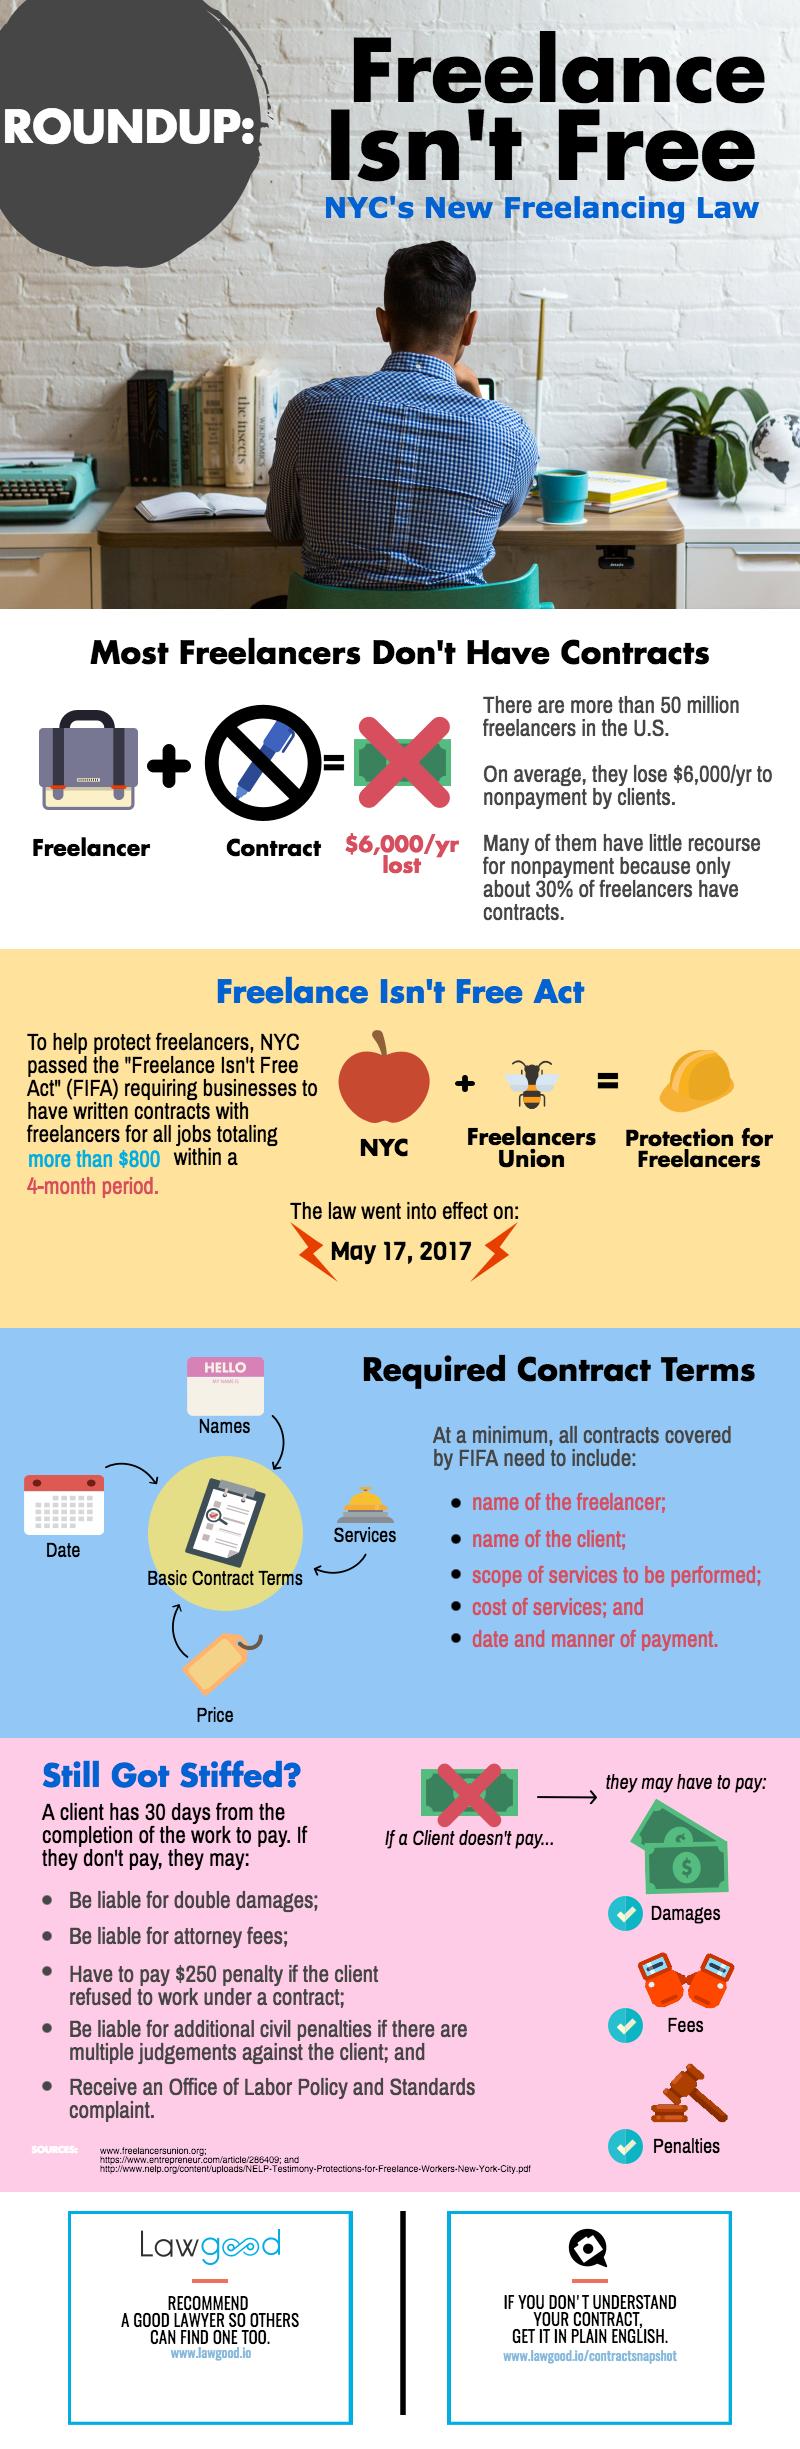 Freelance isn't free act